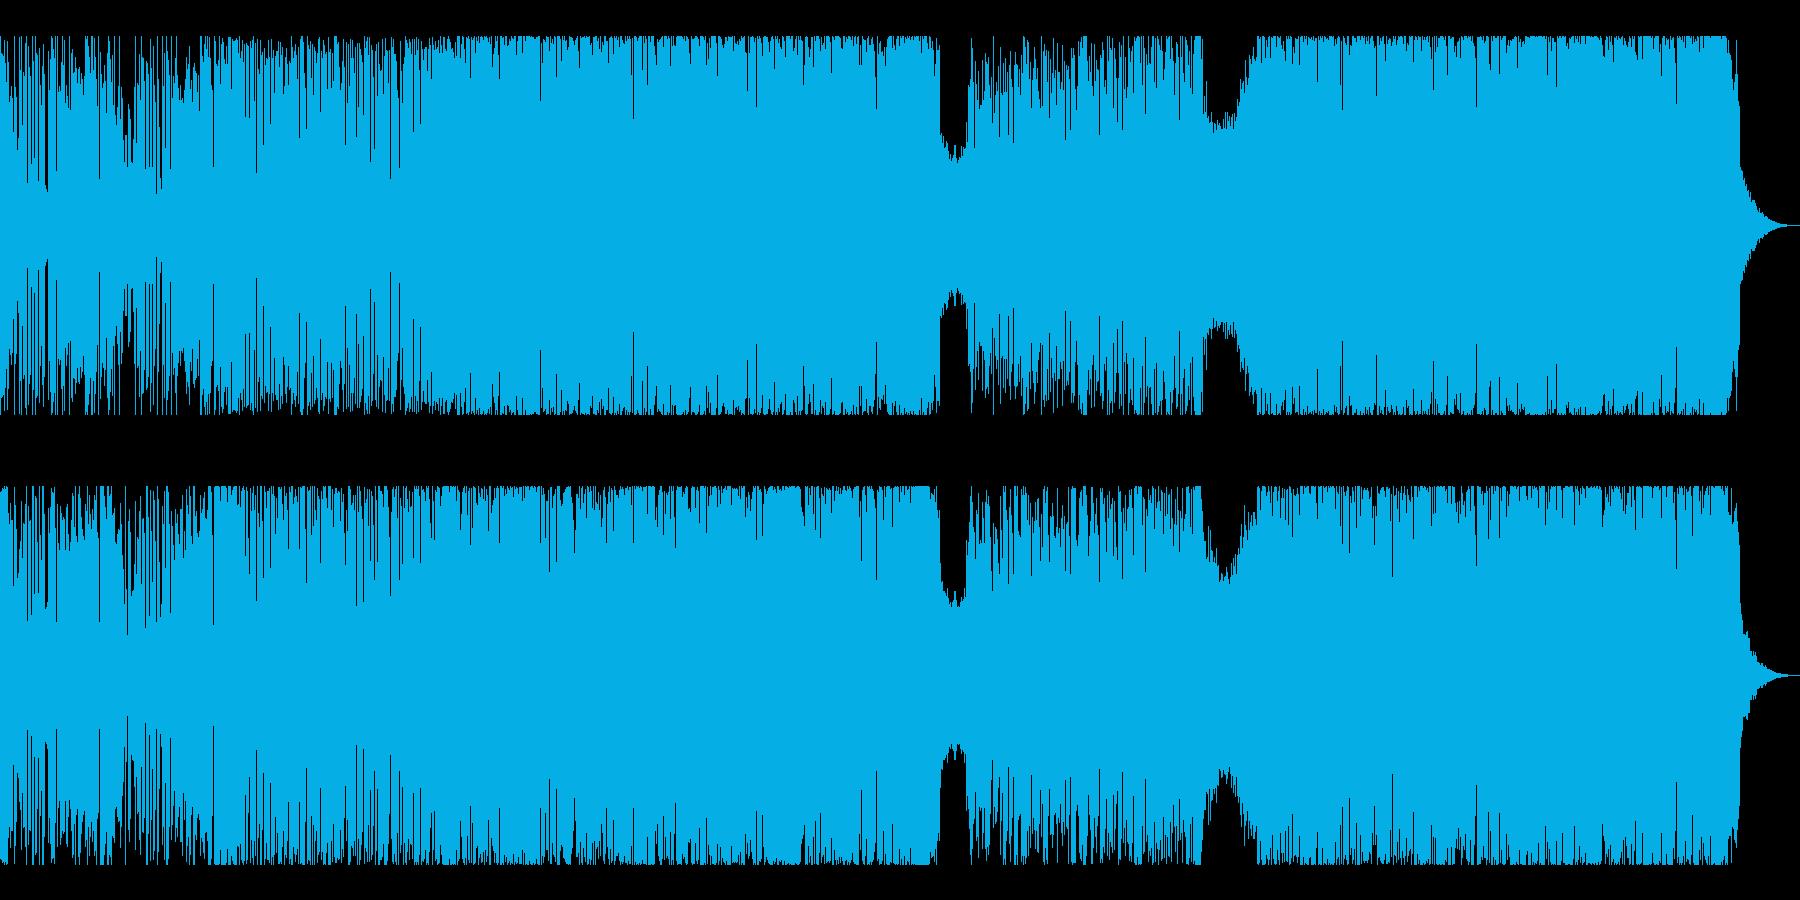 おしゃれなブレイクビーツBGMの再生済みの波形